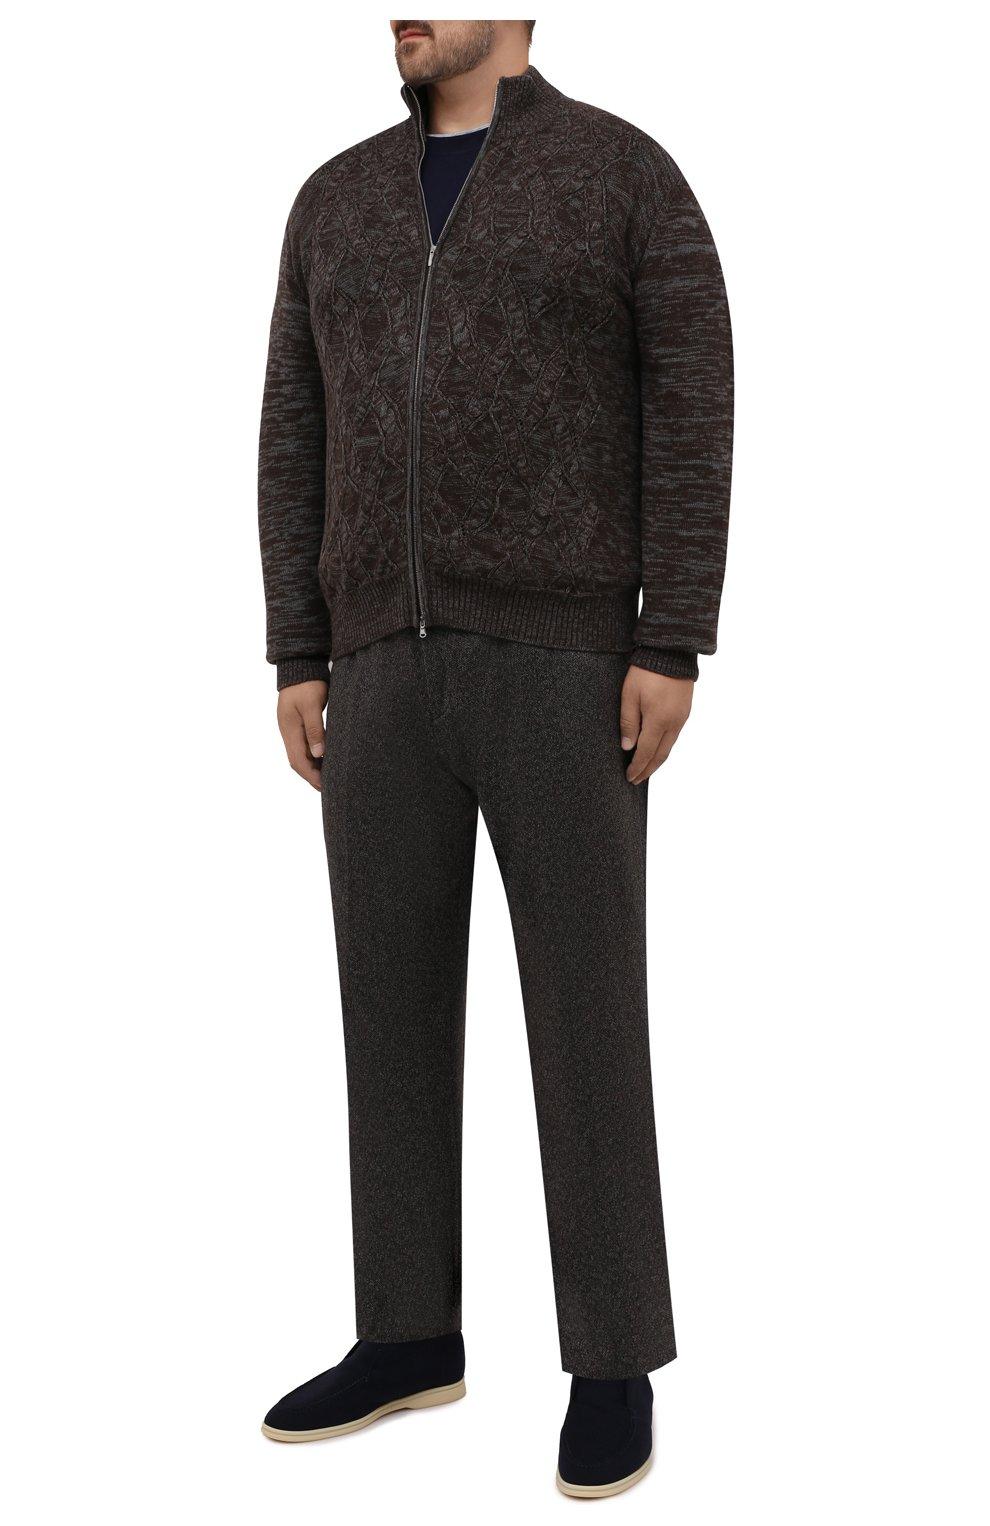 Мужские брюки из кашемира и шерсти MARCO PESCAROLO коричневого цвета, арт. CHIAIAM/ZIP+RIS/4458 | Фото 2 (Big sizes: Big Sizes; Материал внешний: Шерсть, Кашемир; Длина (брюки, джинсы): Стандартные; Случай: Повседневный; Стили: Кэжуэл)